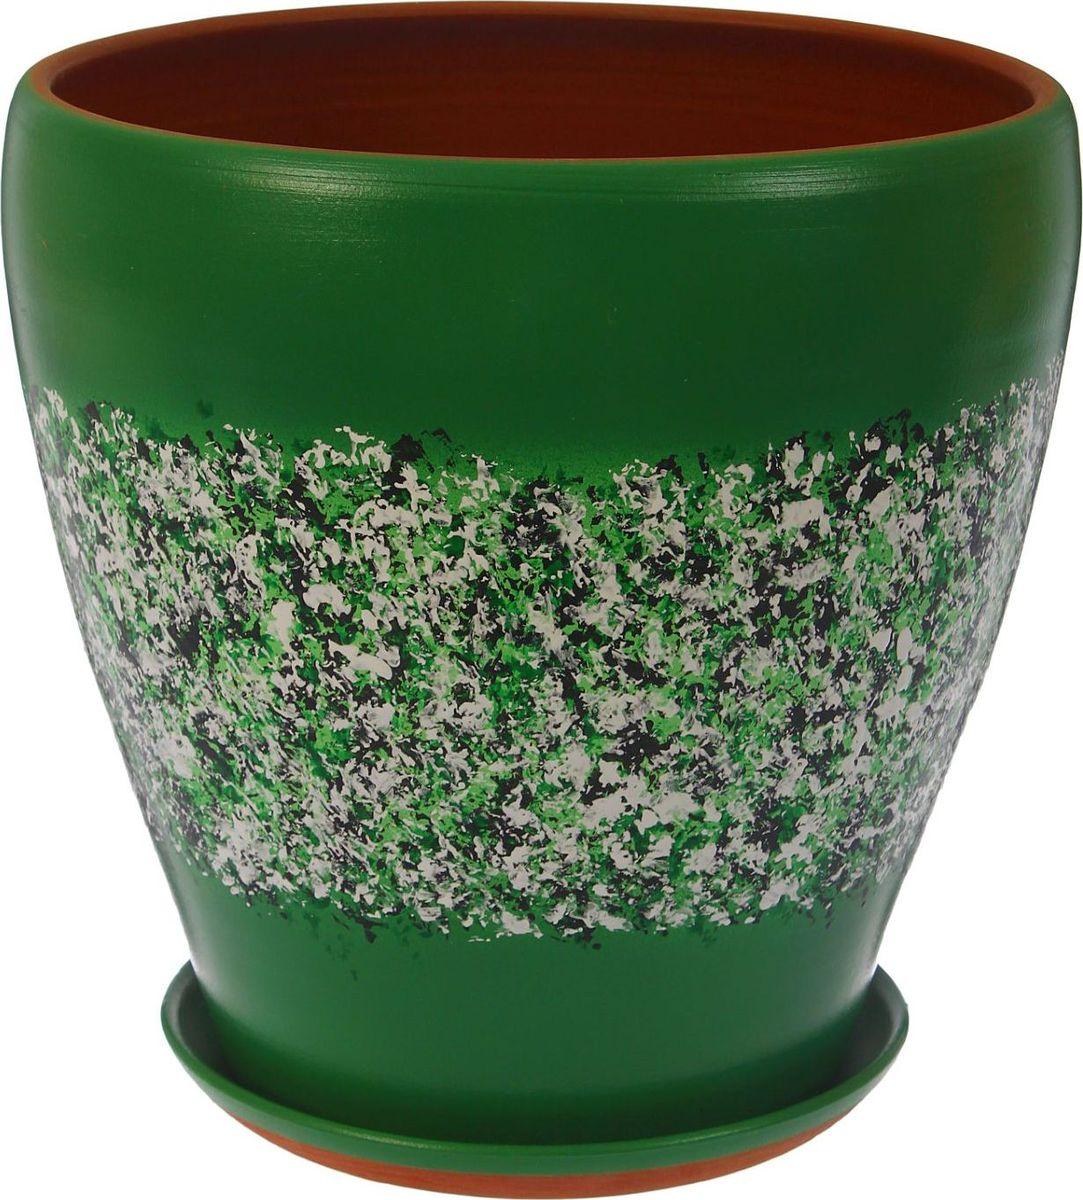 Кашпо, цвет: мрамор, 8 л. 13441241344124Комнатные растения — всеобщие любимцы. Они радуют глаз, насыщают помещение кислородом и украшают пространство. Каждому из них необходим свой удобный и красивый дом. Кашпо из керамики прекрасно подходят для высадки растений: за счёт пластичности глины и разных способов обработки существует великое множество форм и дизайновпористый материал позволяет испаряться лишней влагевоздух, необходимый для дыхания корней, проникает сквозь керамические стенки! #name# позаботится о зелёном питомце, освежит интерьер и подчеркнёт его стиль.